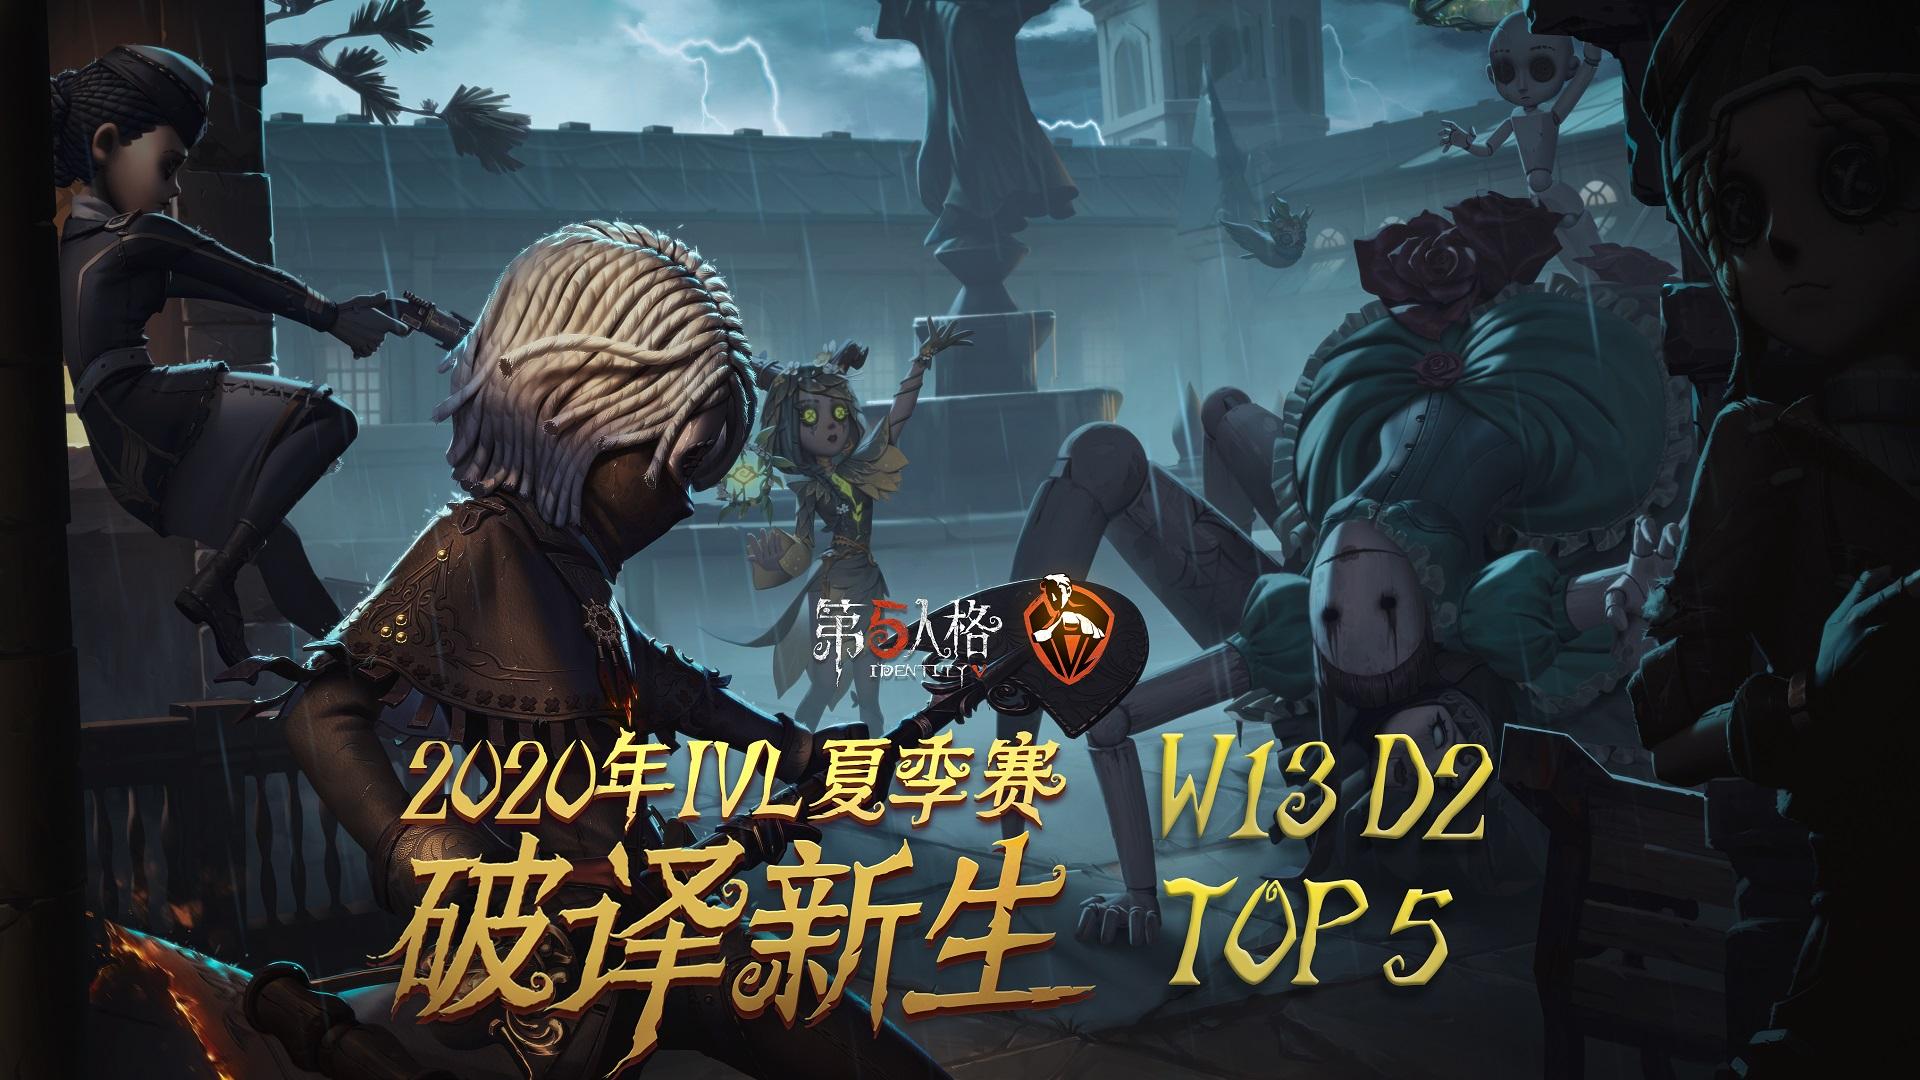 【2020IVL】W13D2 TOP5:DOU5_DX地下室惊艳守椅完成三抓